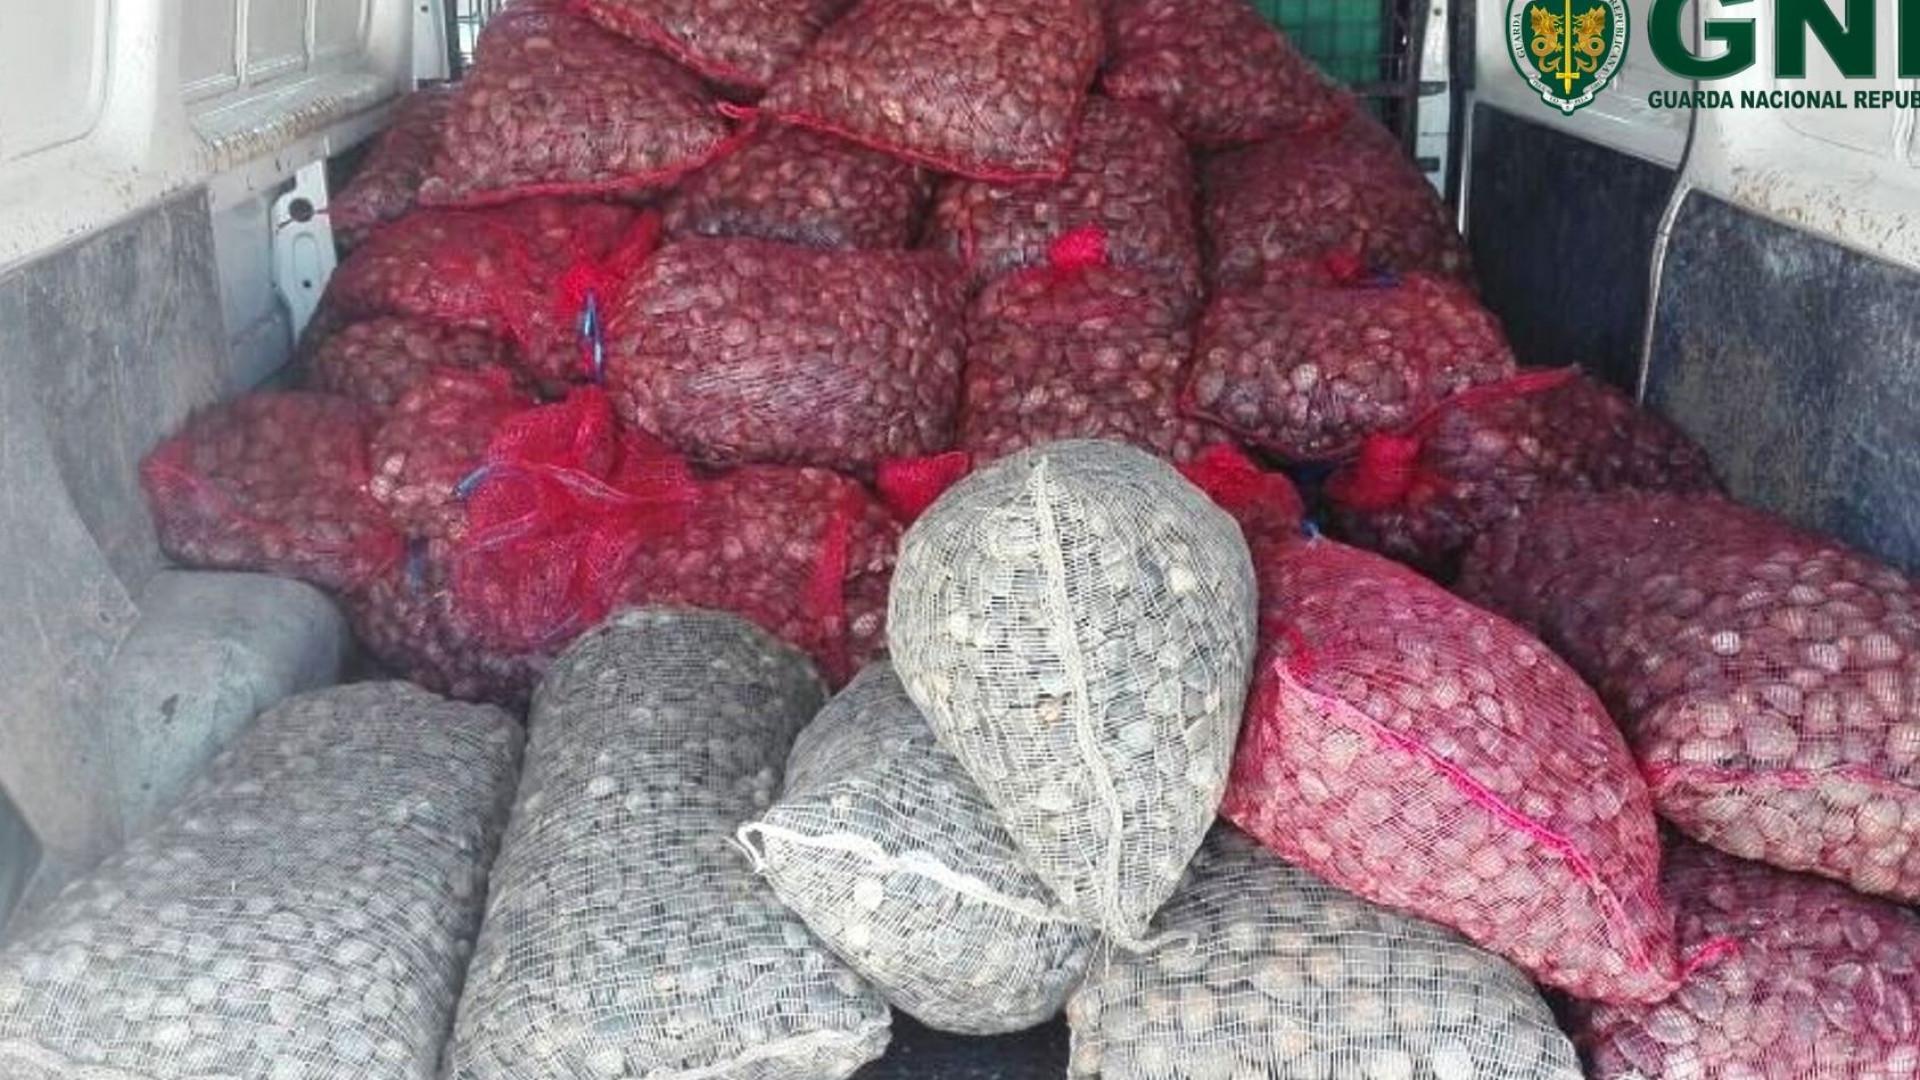 Perto de duas toneladas de amêijoas apreendidas em Alcochete